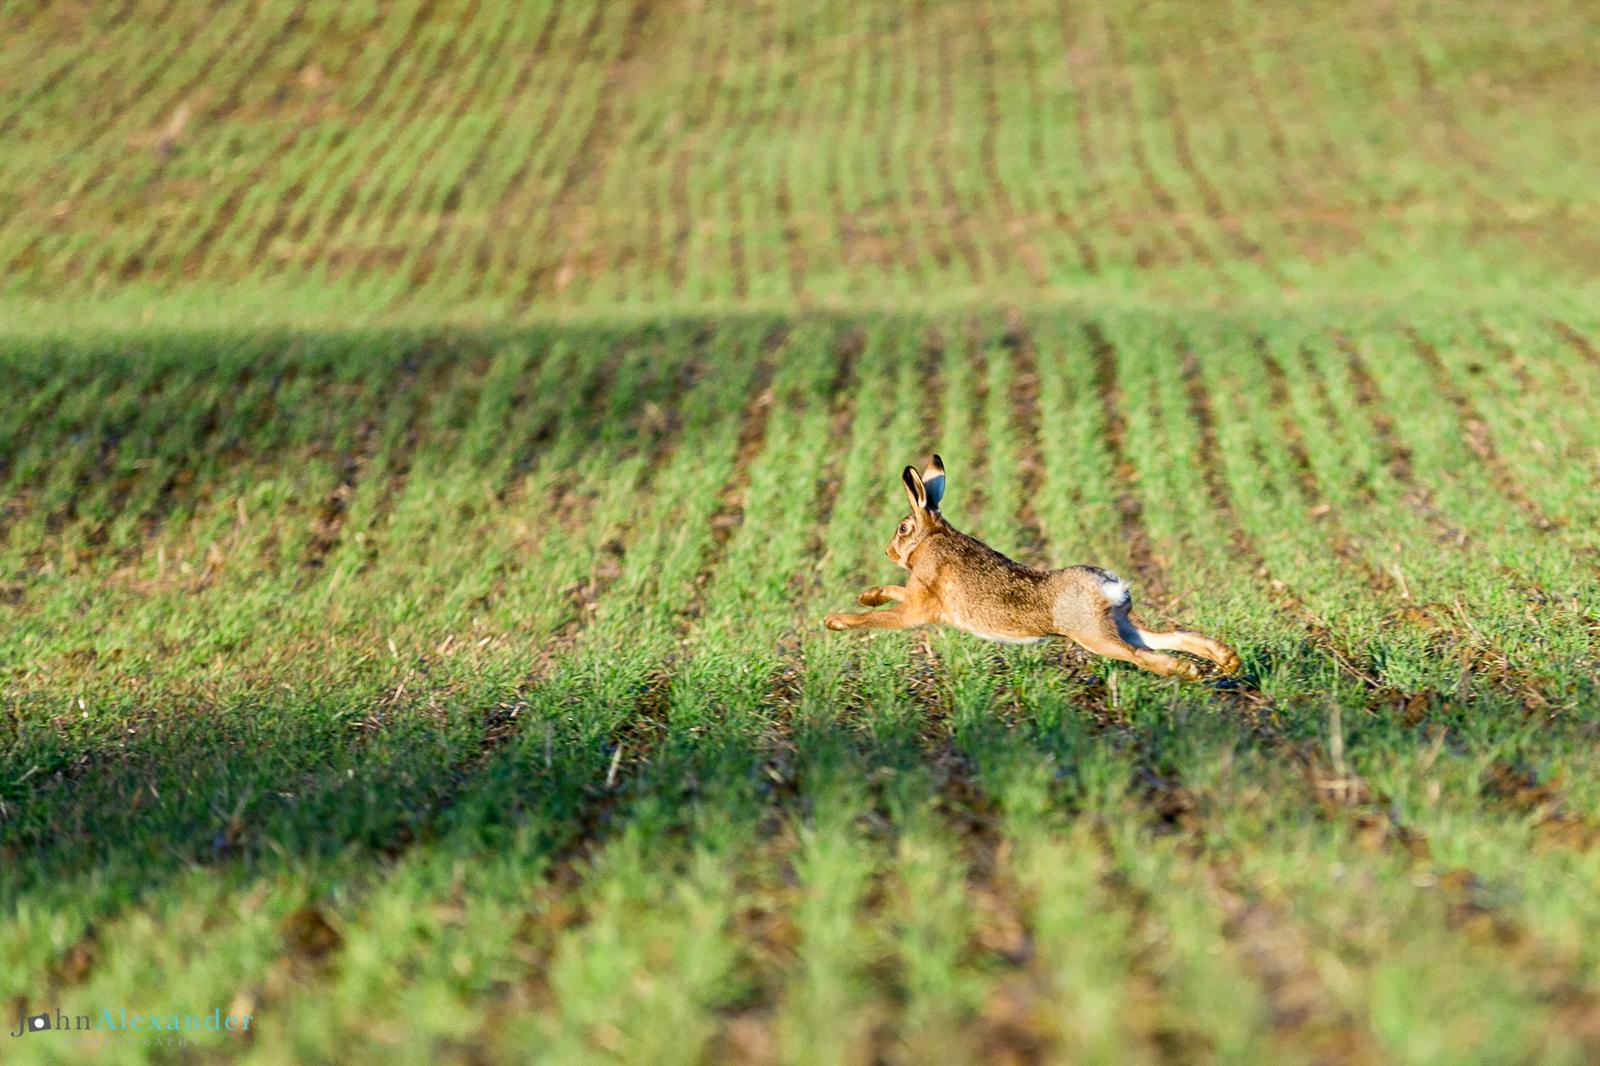 hare running through a field